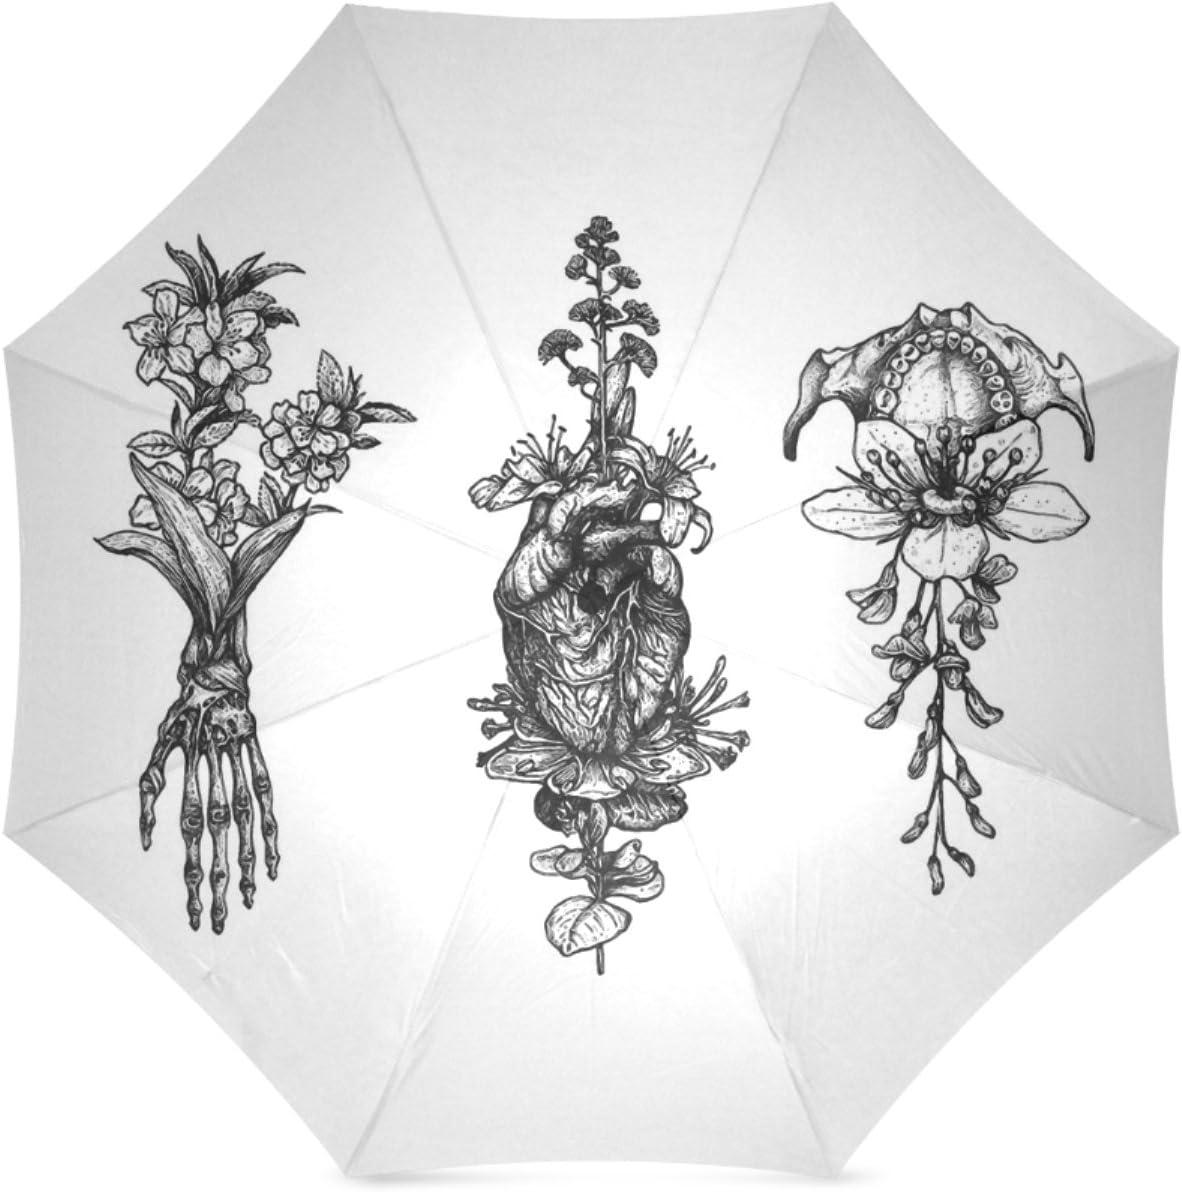 Personalized In Bloom Herbarium Foldable Umbrella Travel Umbrella